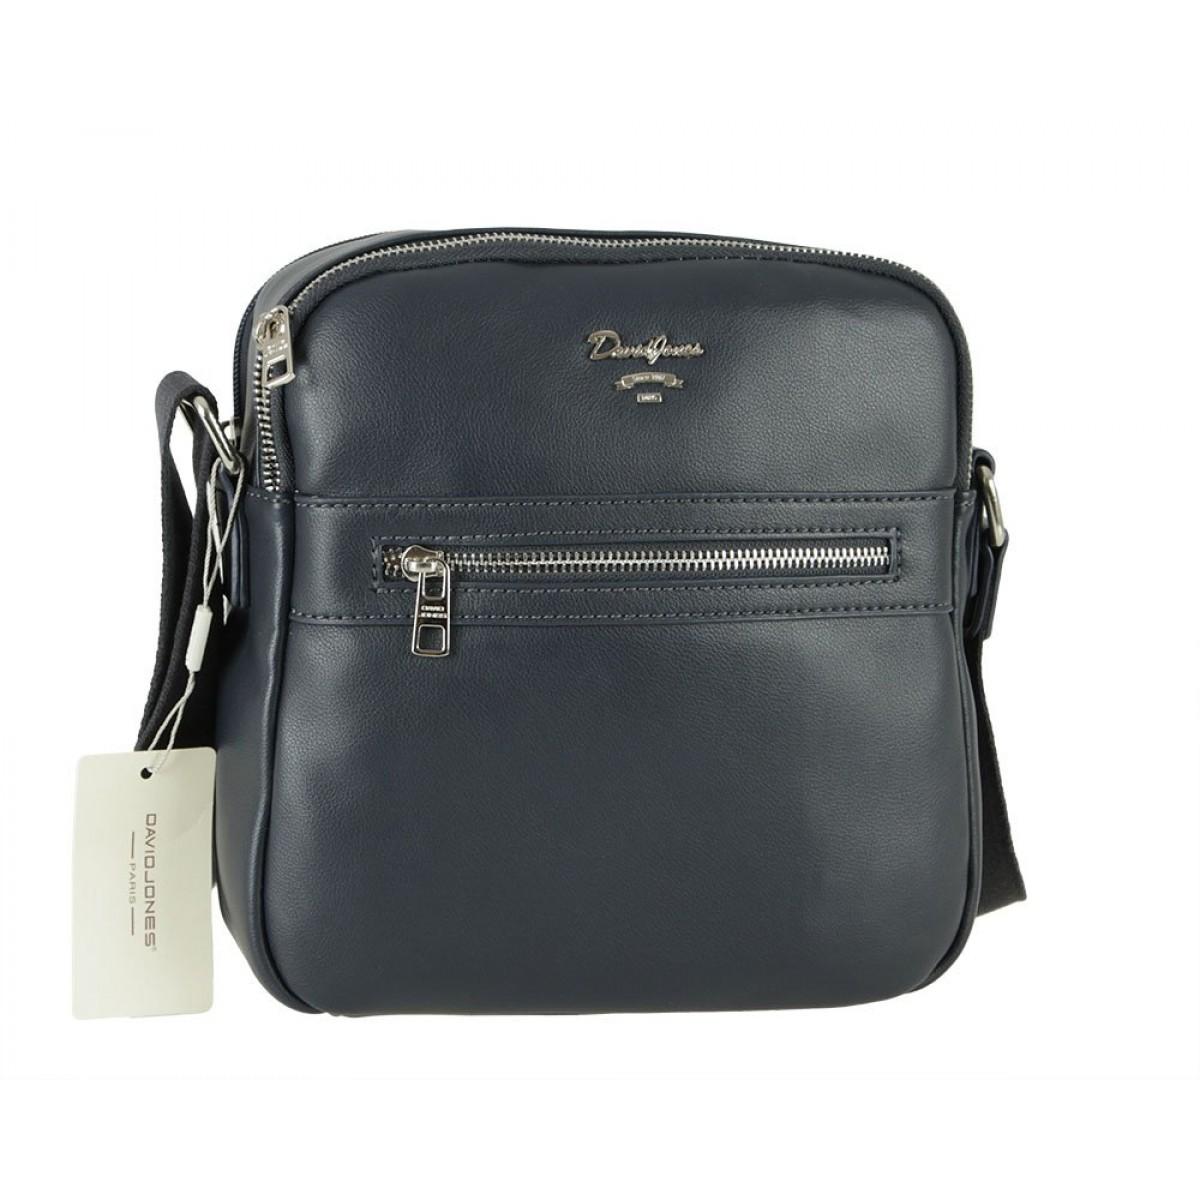 Жіноча сумка David Jones 698801 BLACK